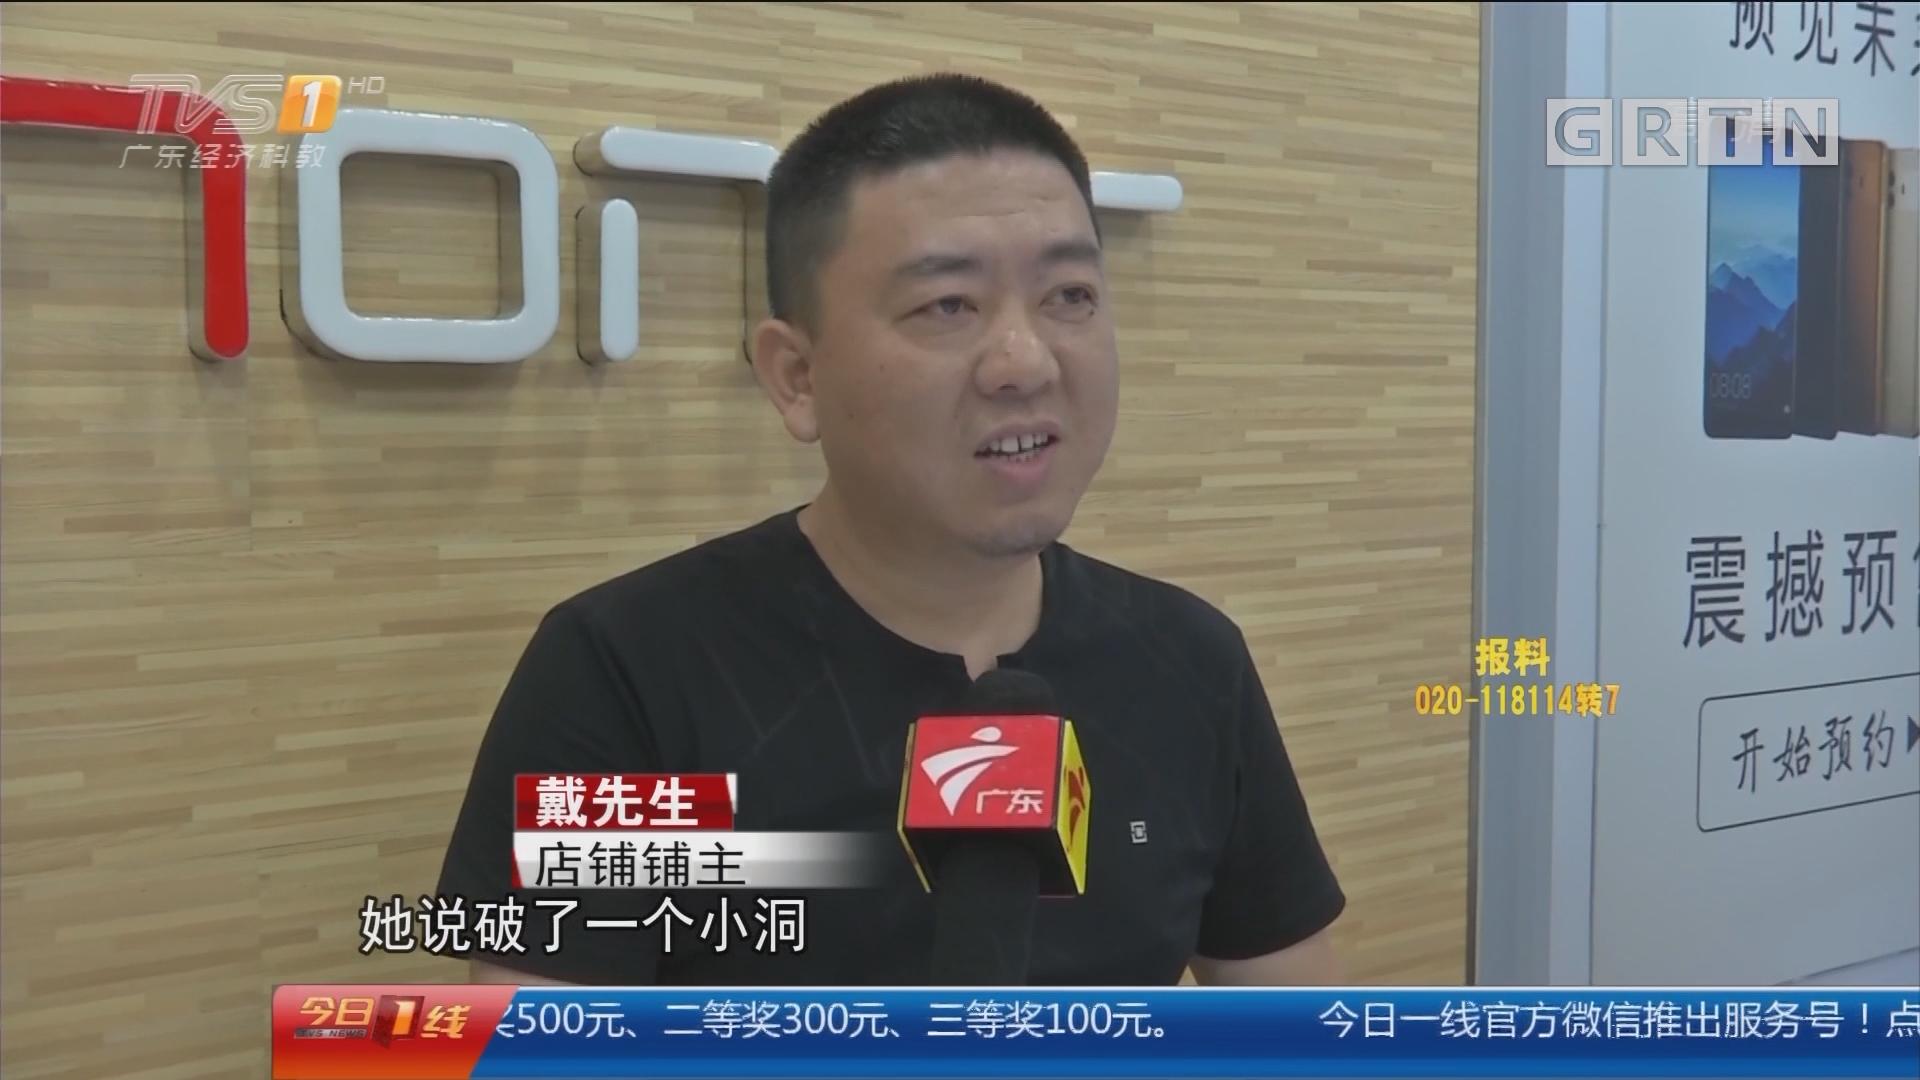 肇庆:电焊割门洞盗窃 惯偷佛山落网